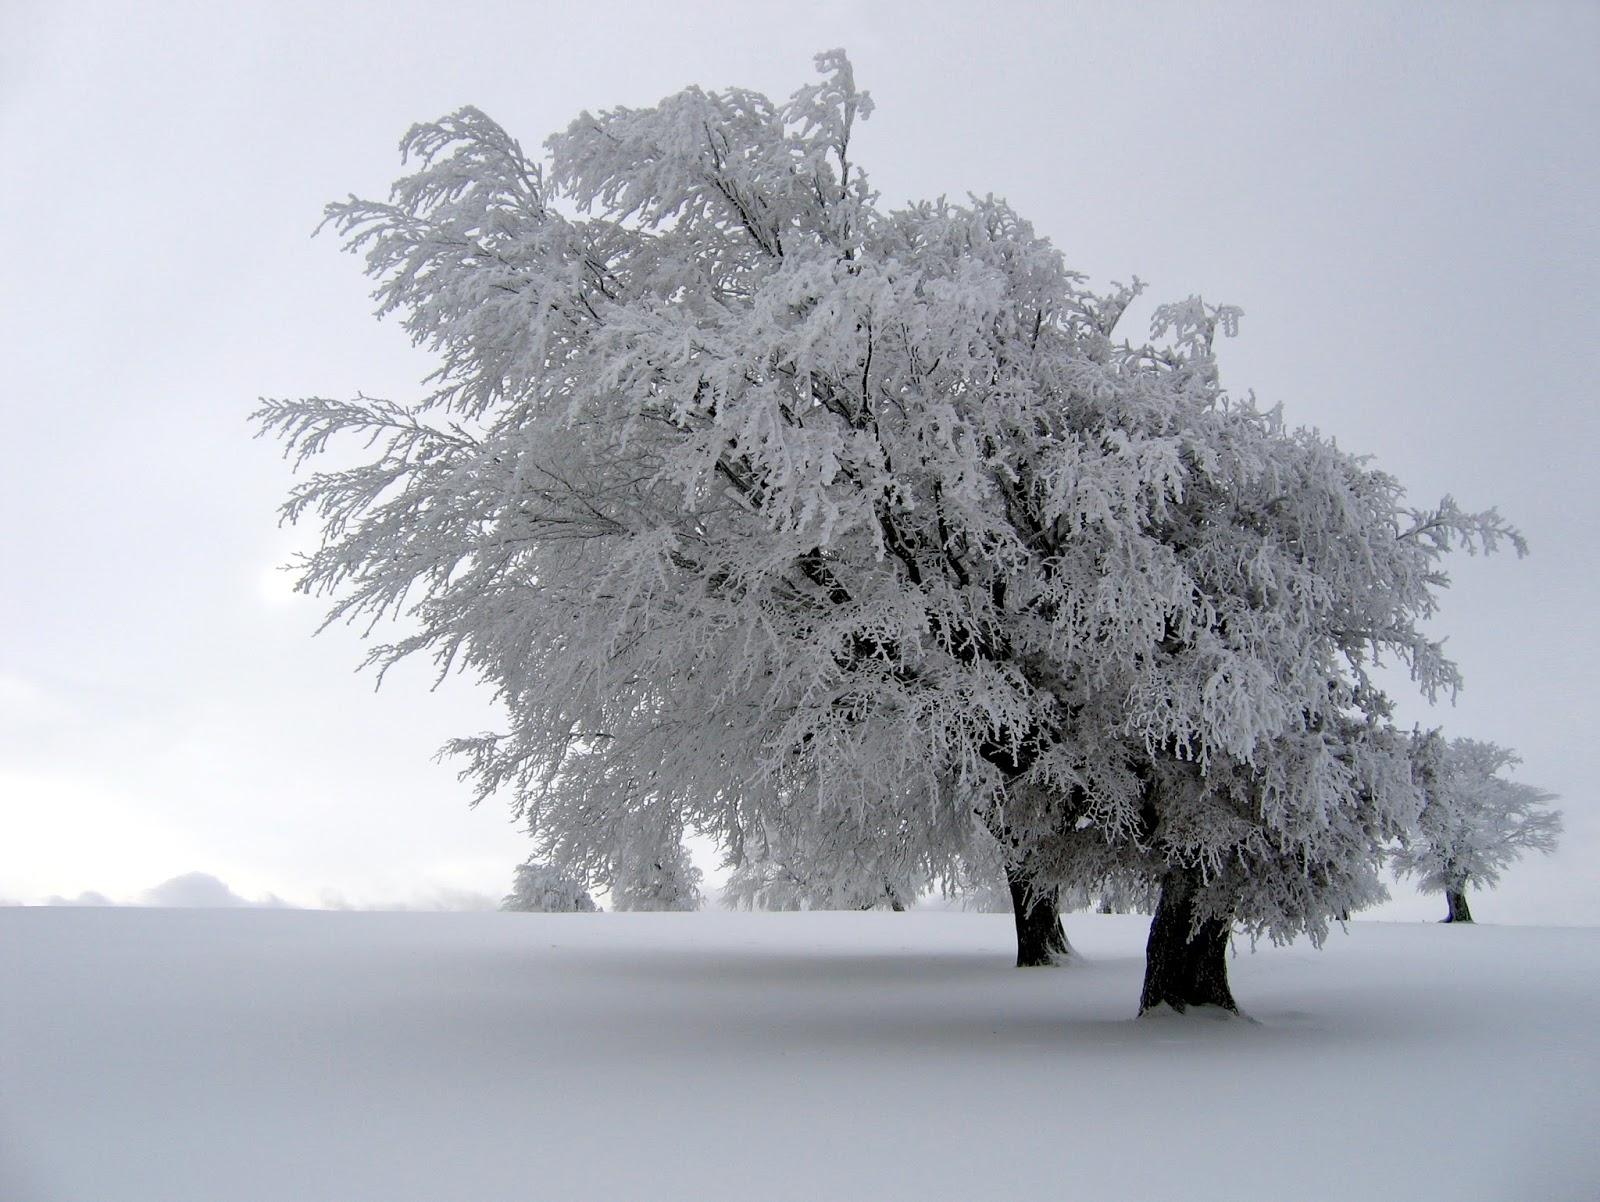 Imagen: Árbol repleto de nieve y hielo